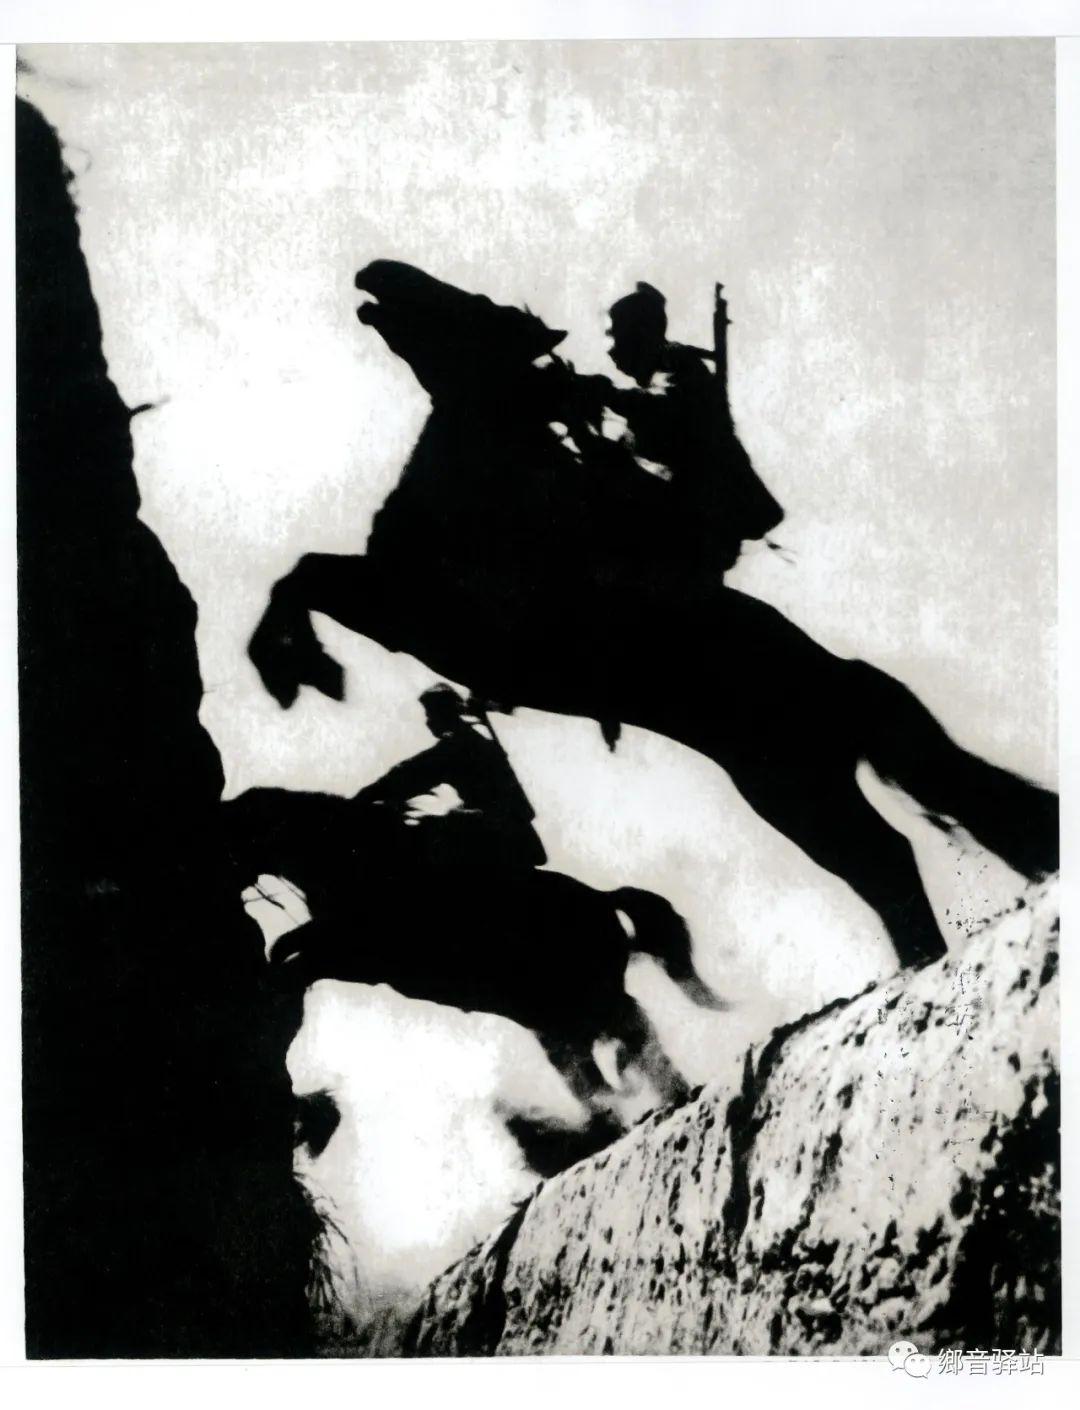 写在纪录片《内蒙古骑兵》开播之际——我区著名作家萨仁托娅 第5张 写在纪录片《内蒙古骑兵》开播之际——我区著名作家萨仁托娅 蒙古文化